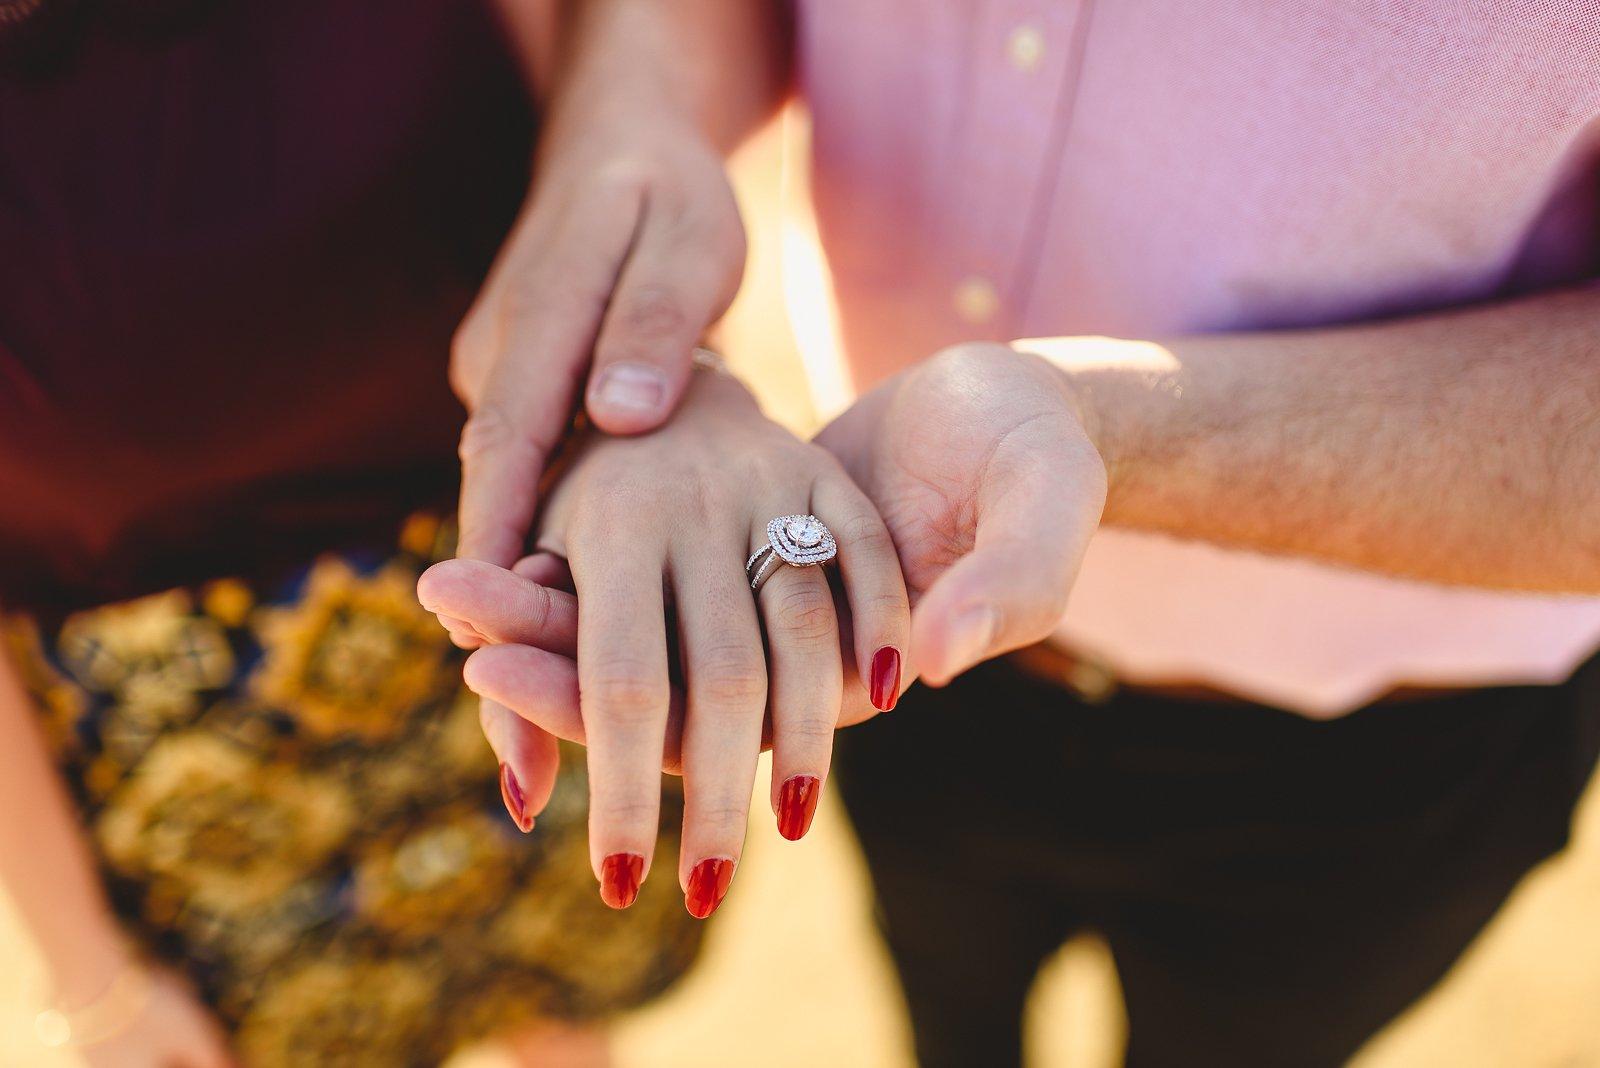 Sunset-cliffs-surprise-proposal